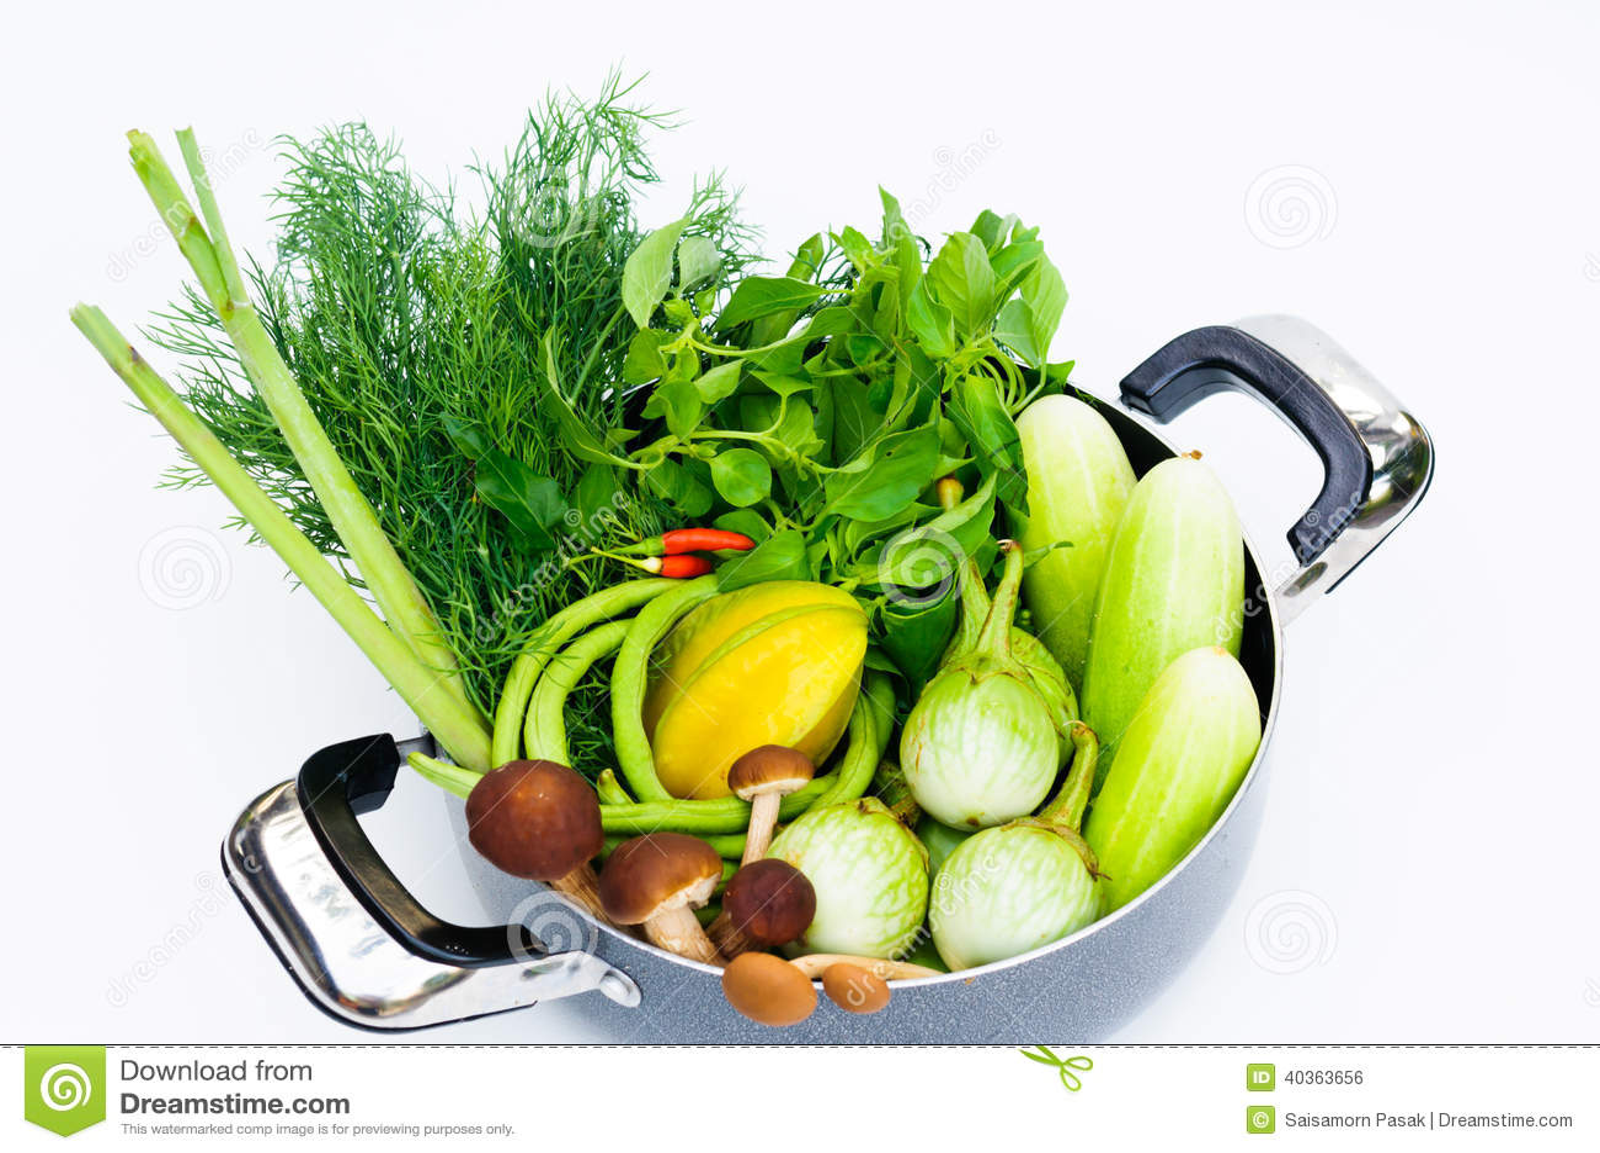 Thai vegetable mix